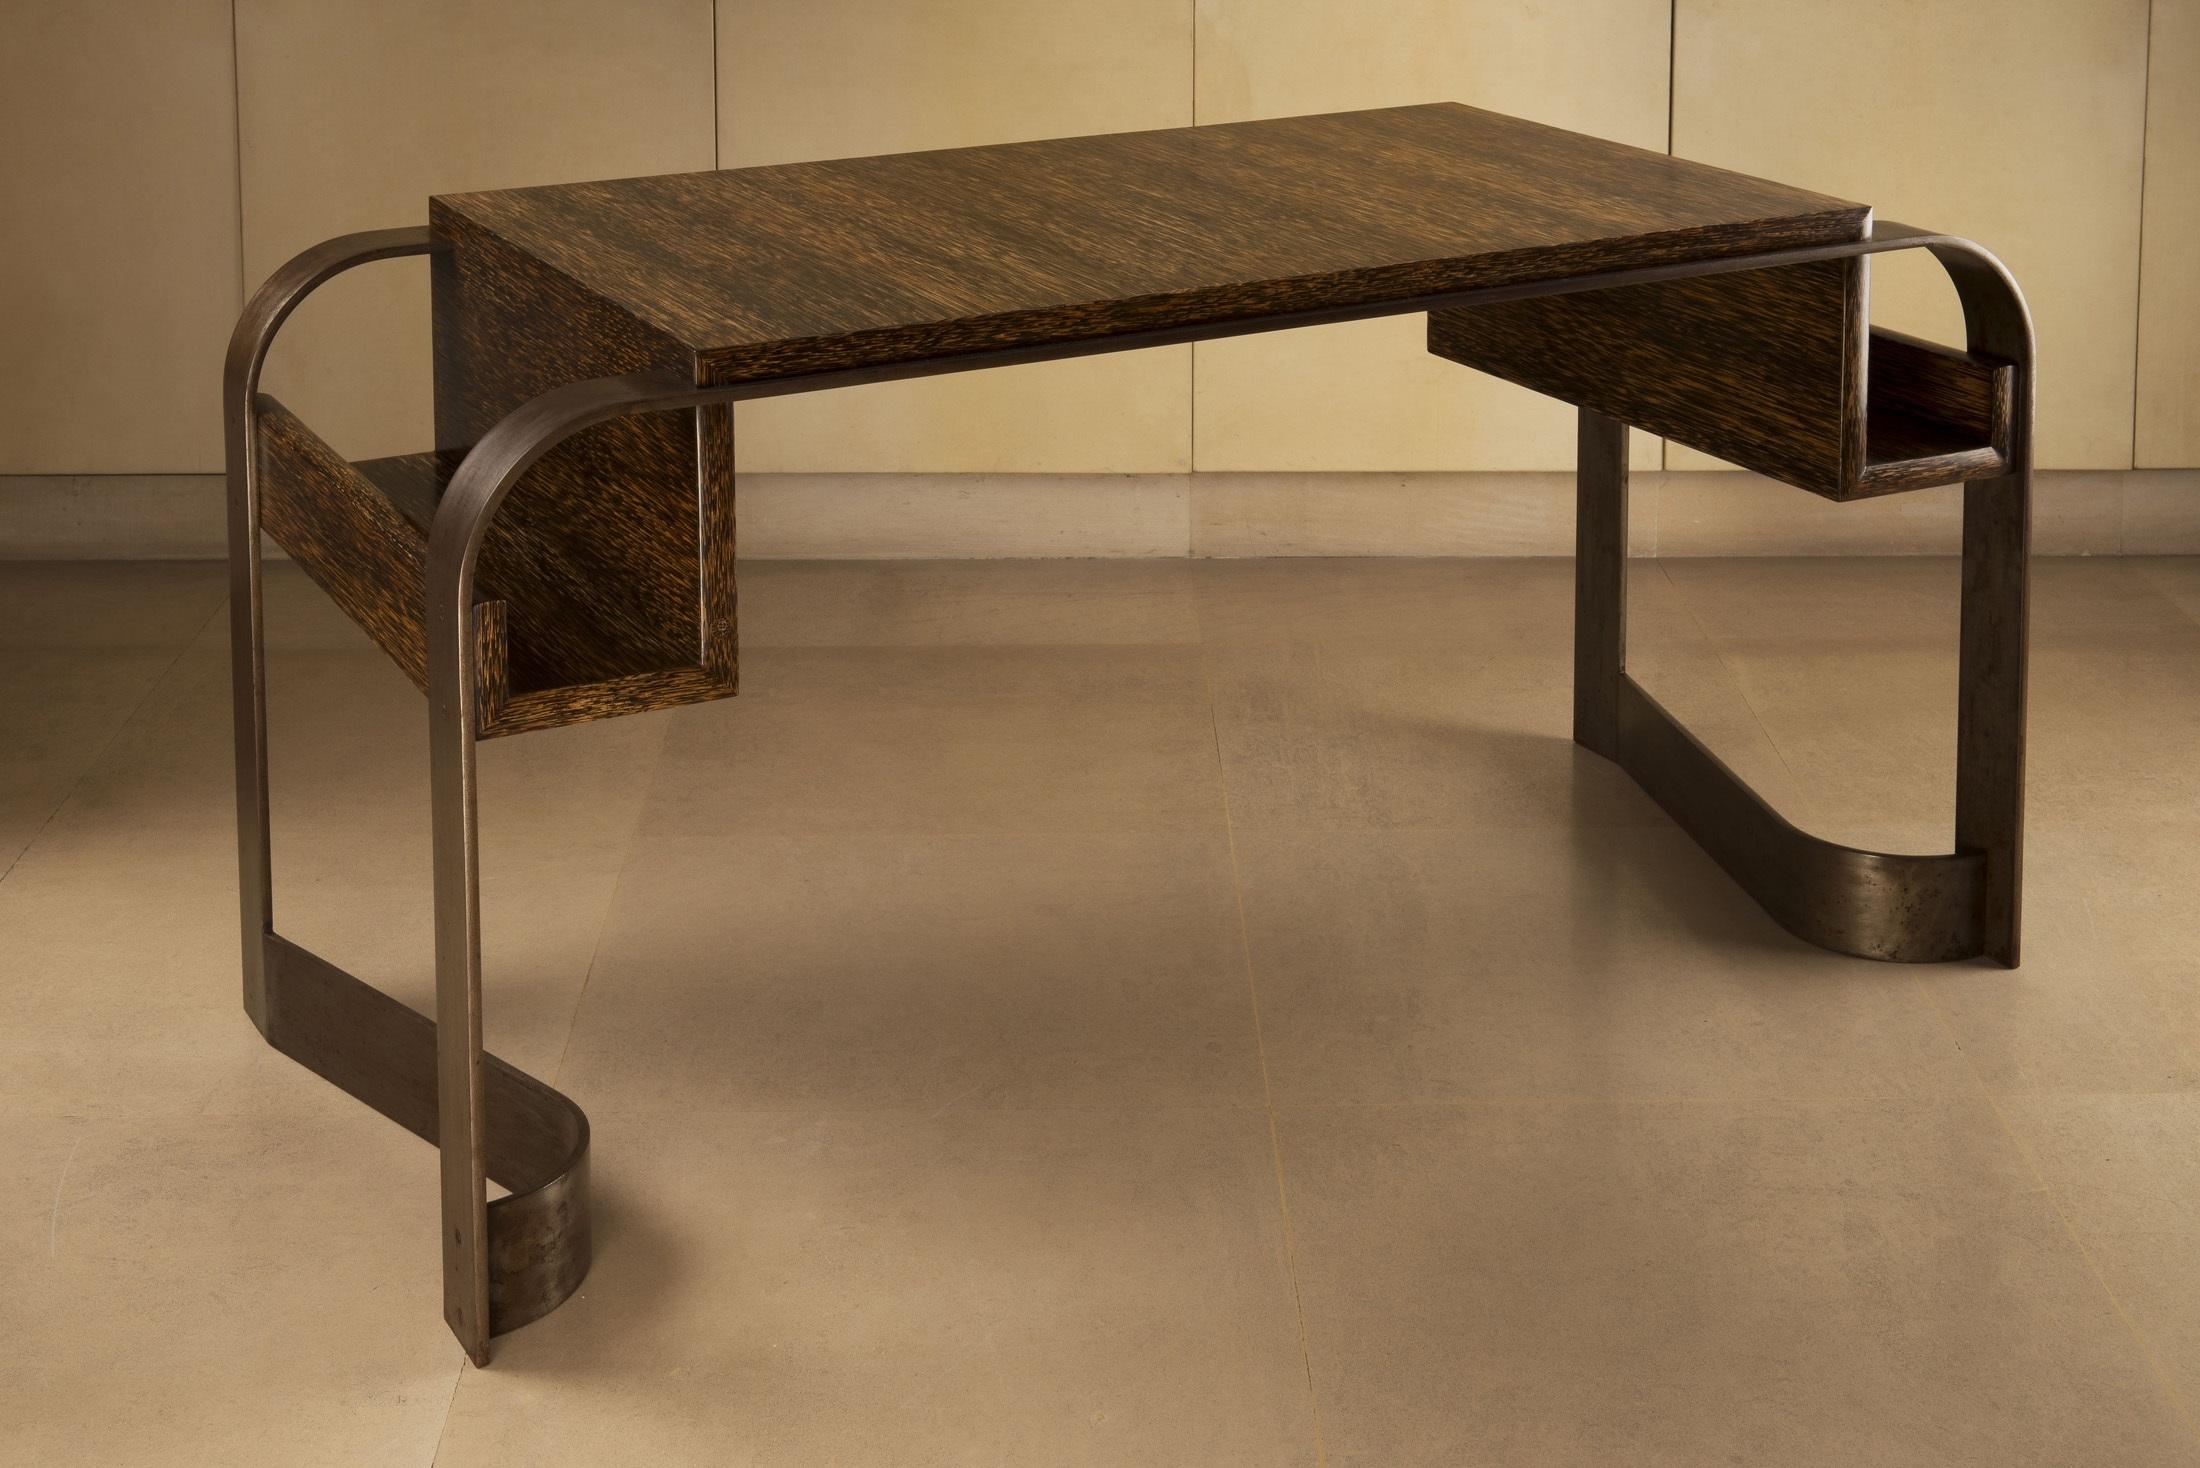 Bureau en bois de palmier reposant sur une armature en métal à